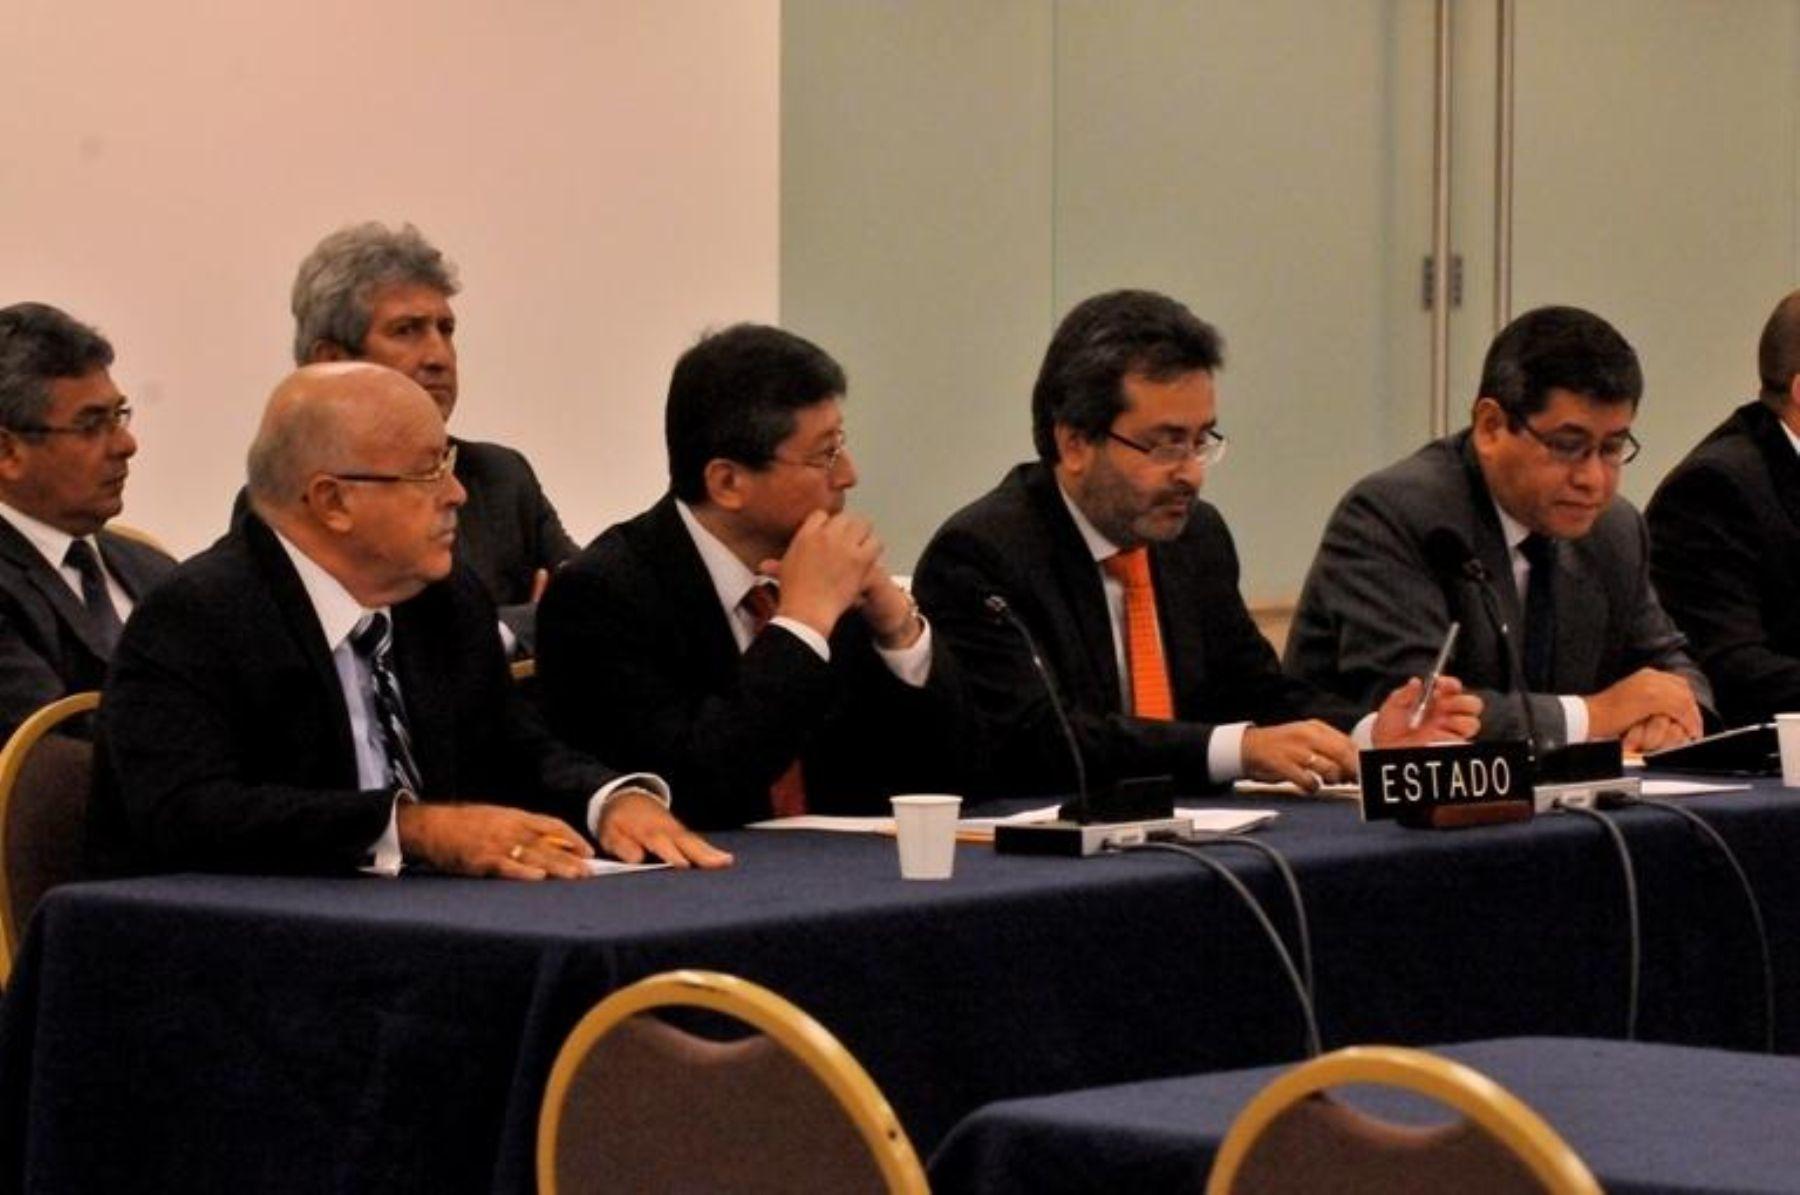 El ministro de Justicia, Juan Jiménez Mayor, con la delegación peruana ante la Comisión Interamericana de Derechos Humanos